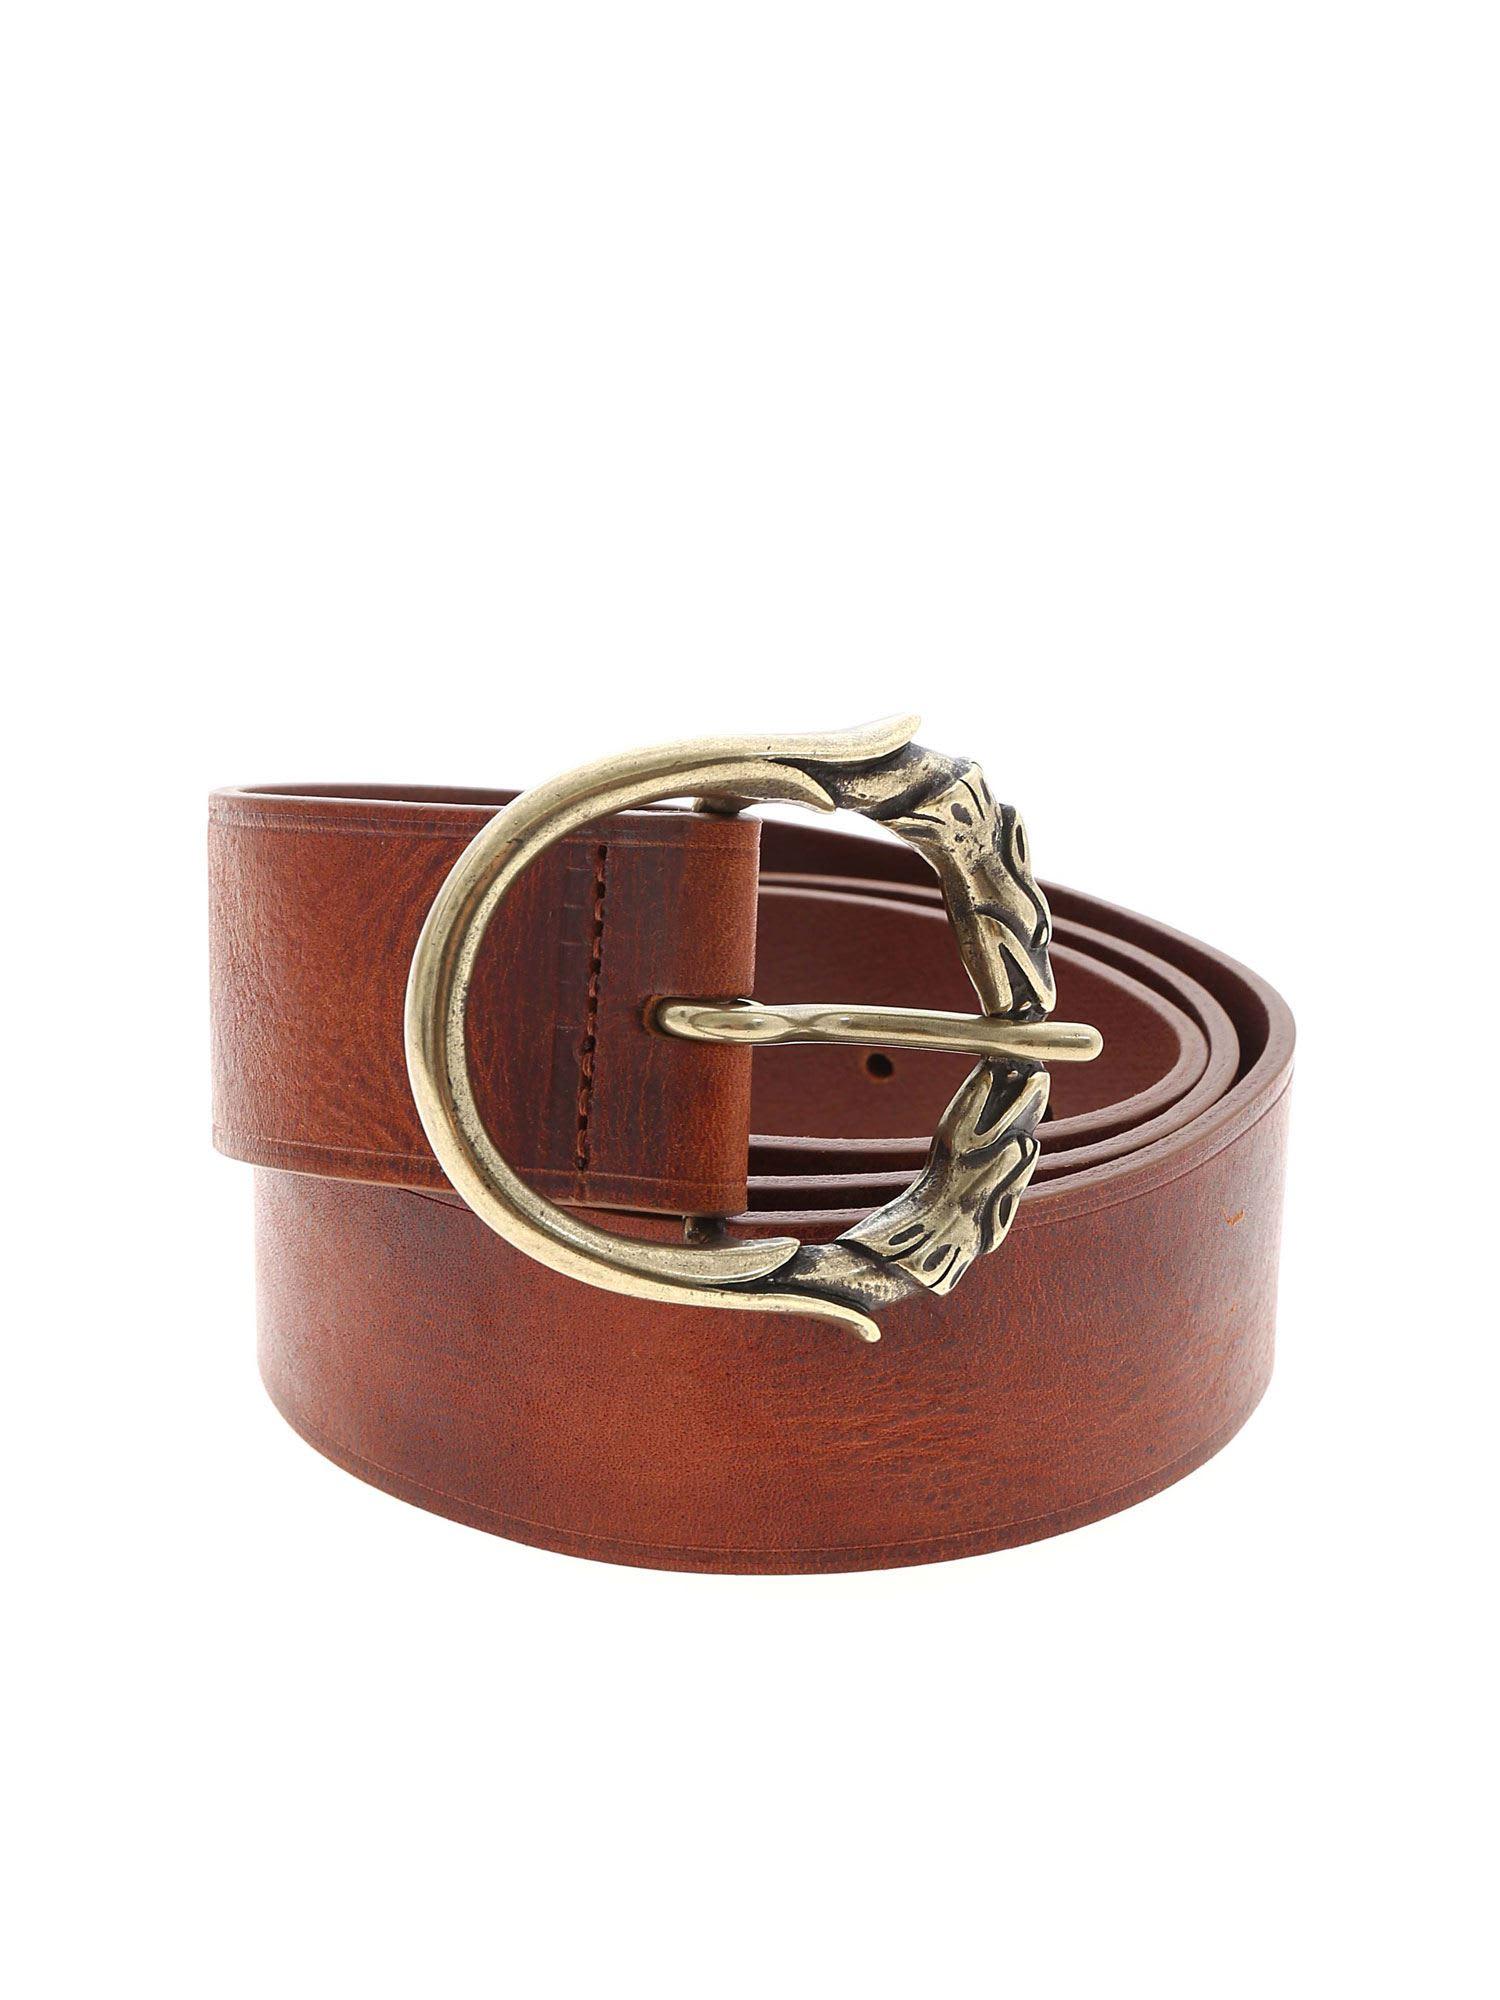 Dondup Belts BELT